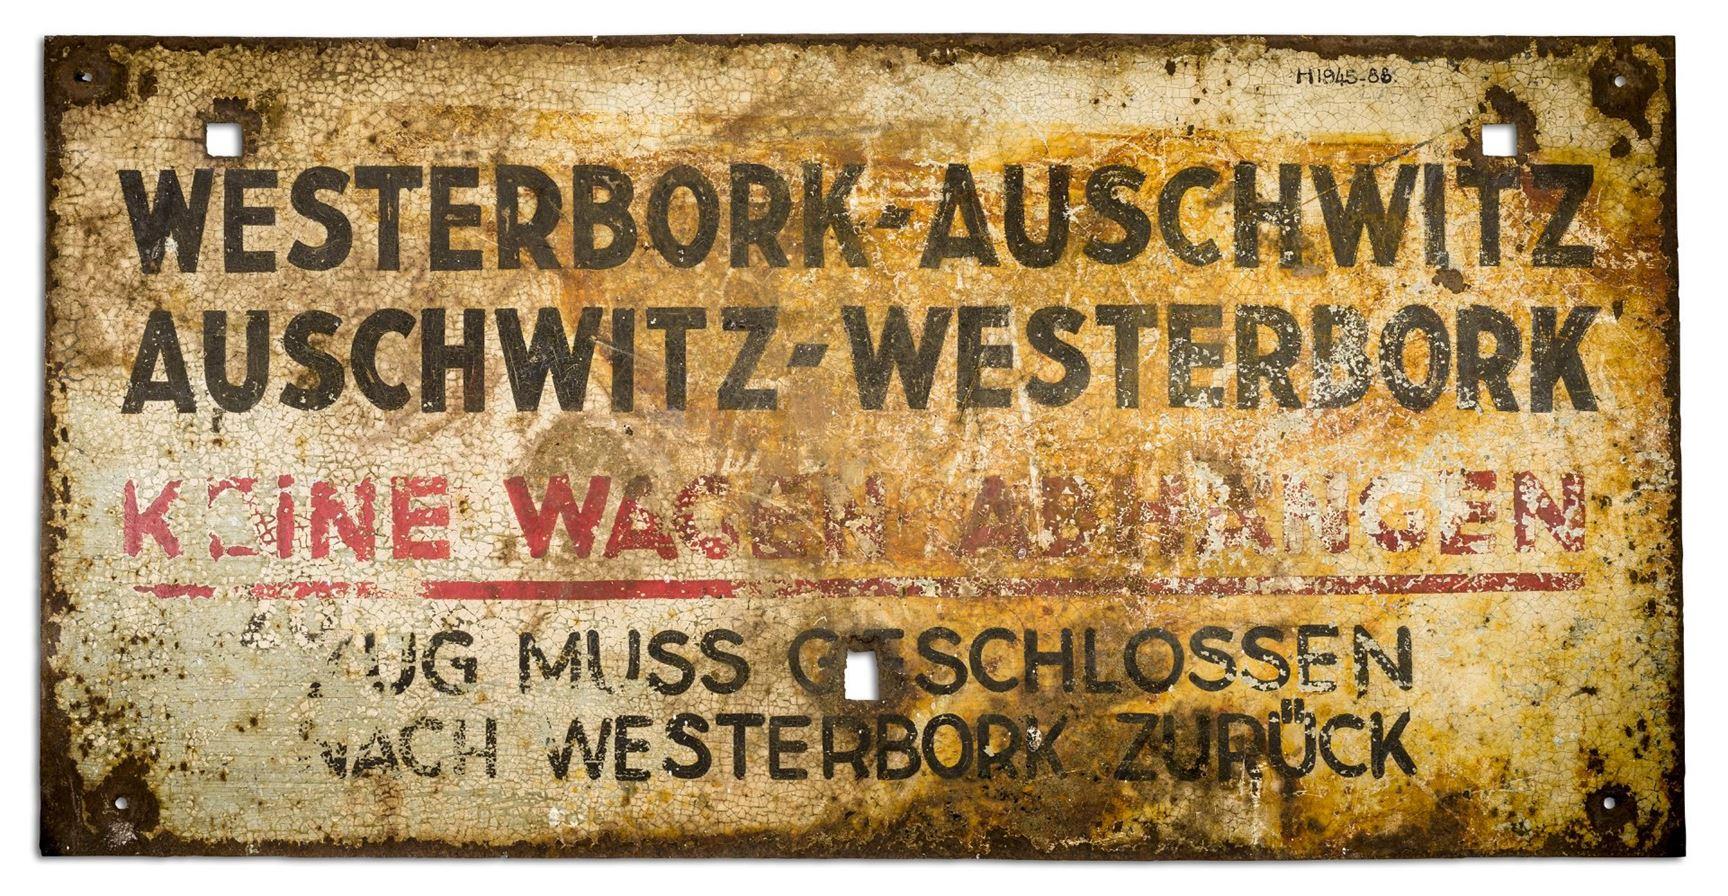 COLUMN: Treinbord Westerbork-Auschwitz-Westerbork